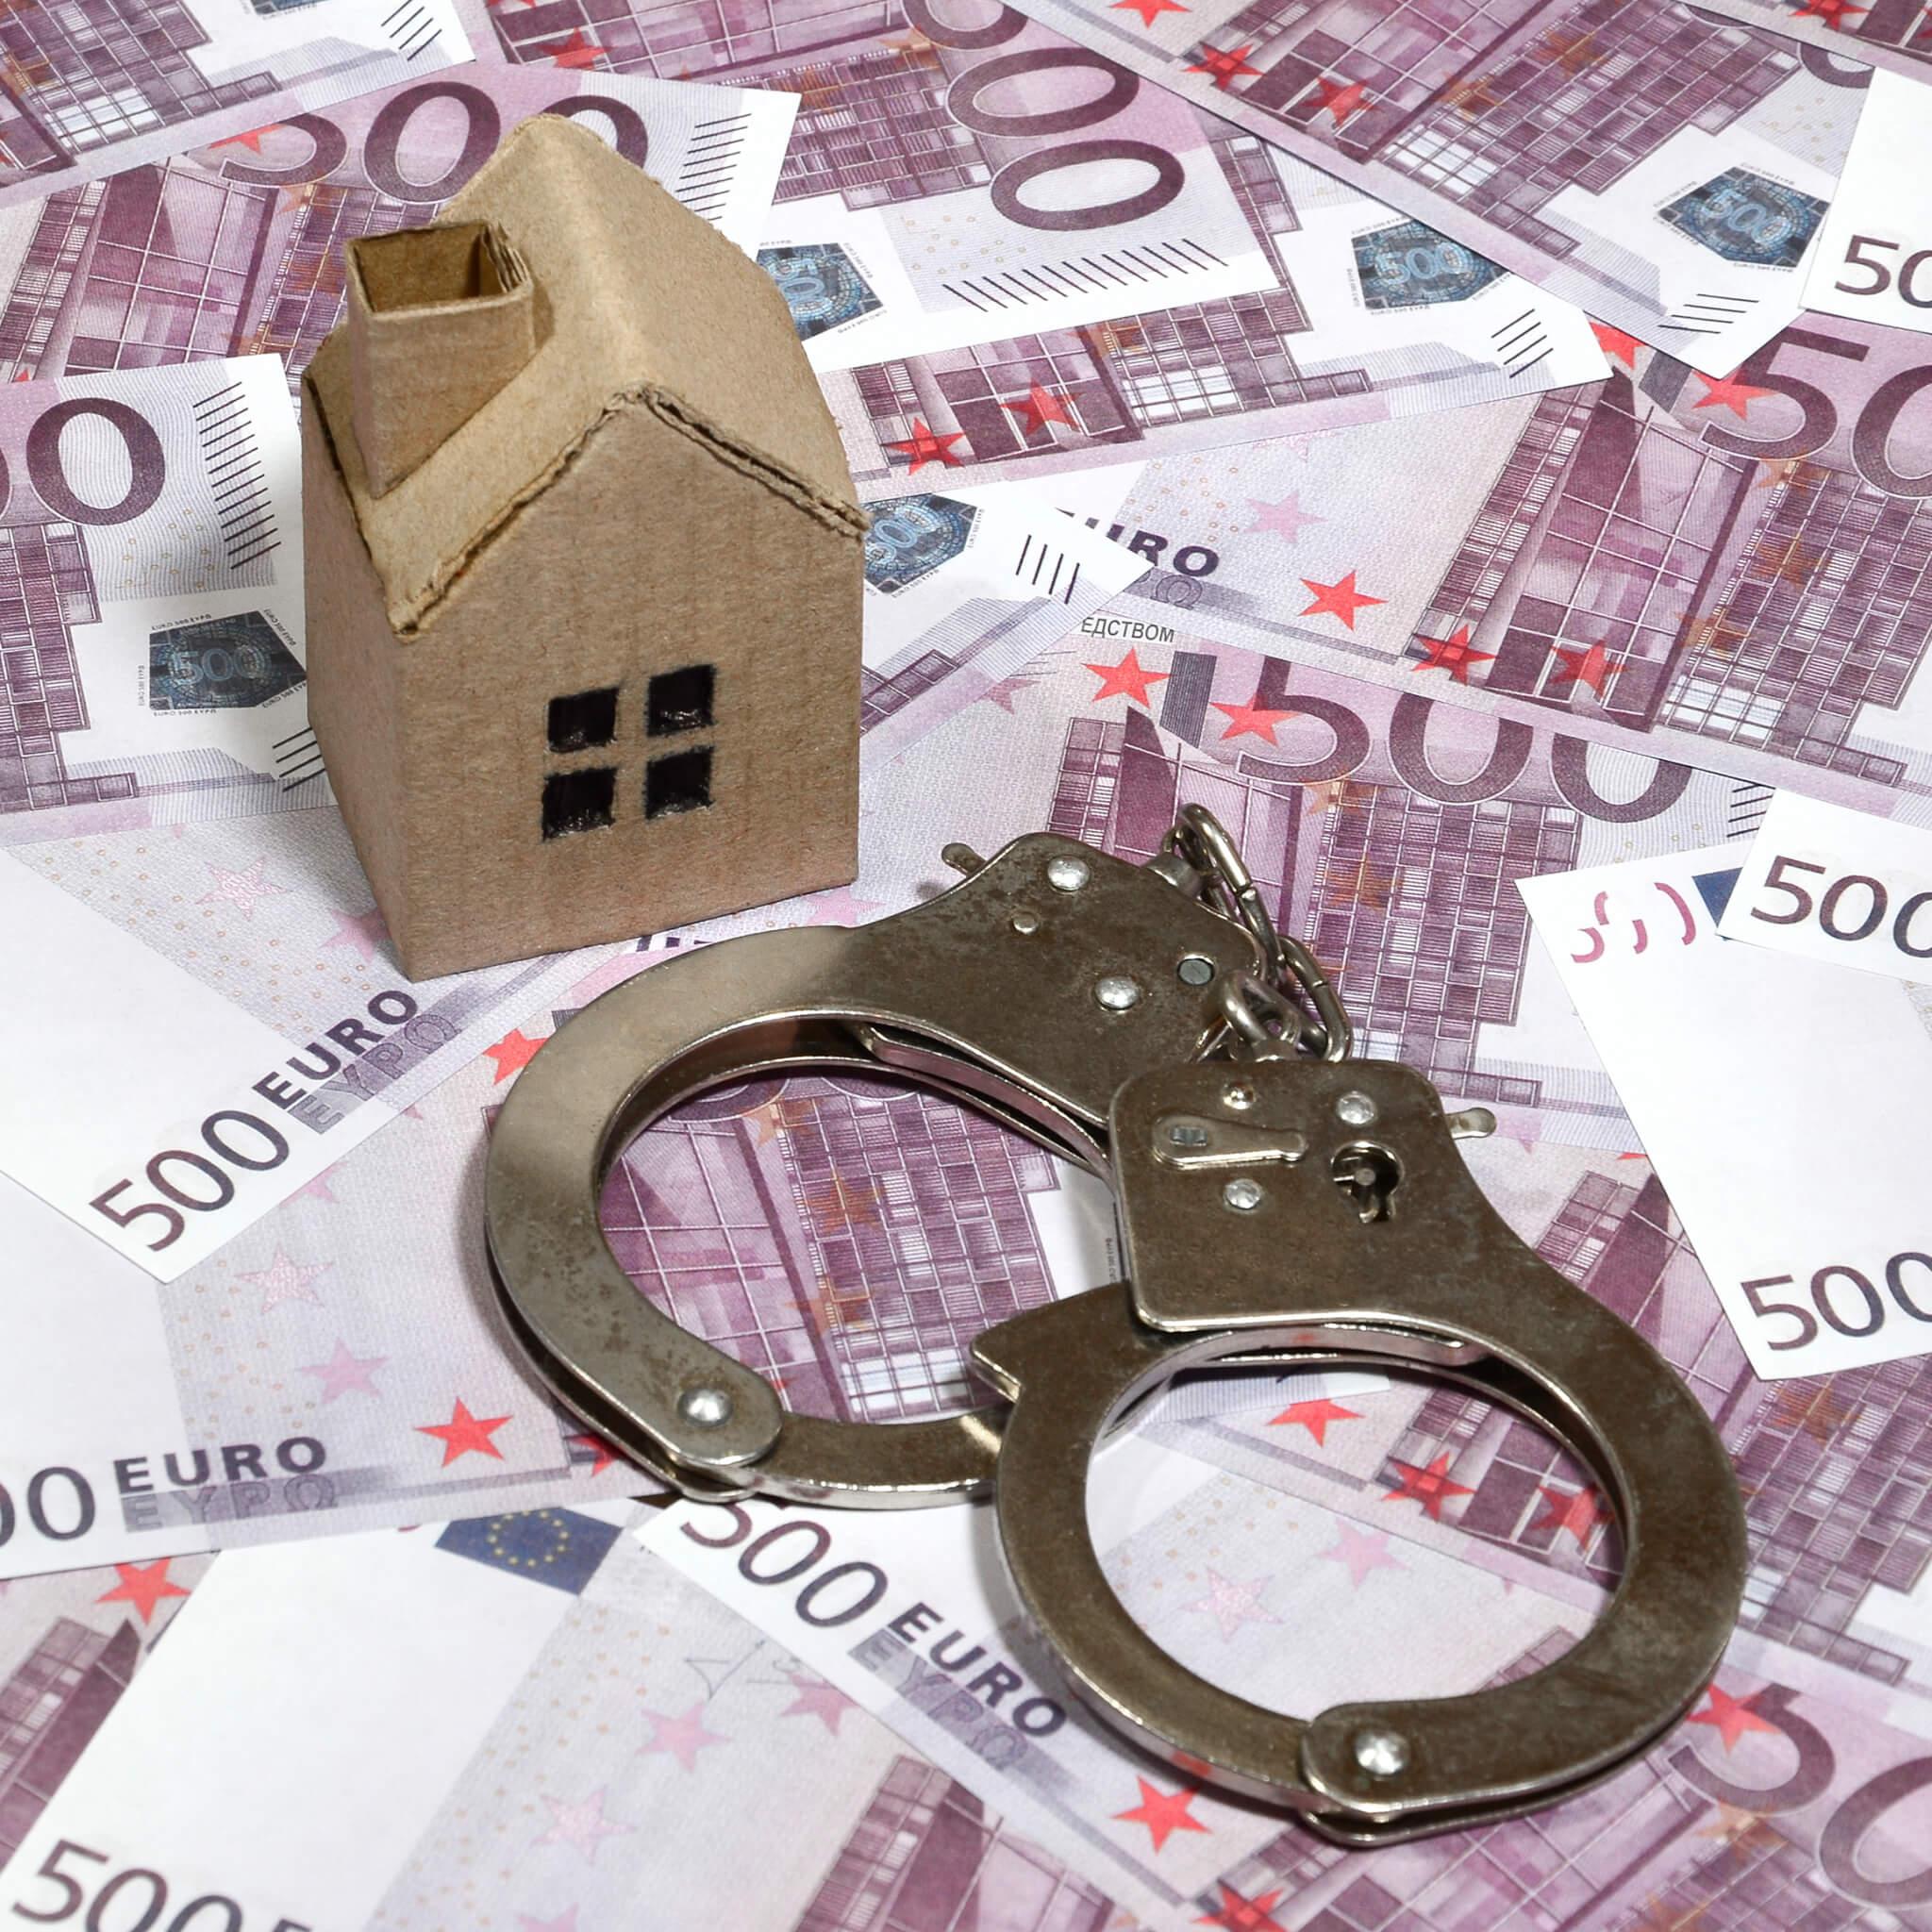 🔊 ST 022: Państwo prawa, czy państwo prawników? <b>Ryszard Styczyński</b> wyjaśnia problem tak zwanych kredytów frankowych<br><i>(część 2/2)</i>